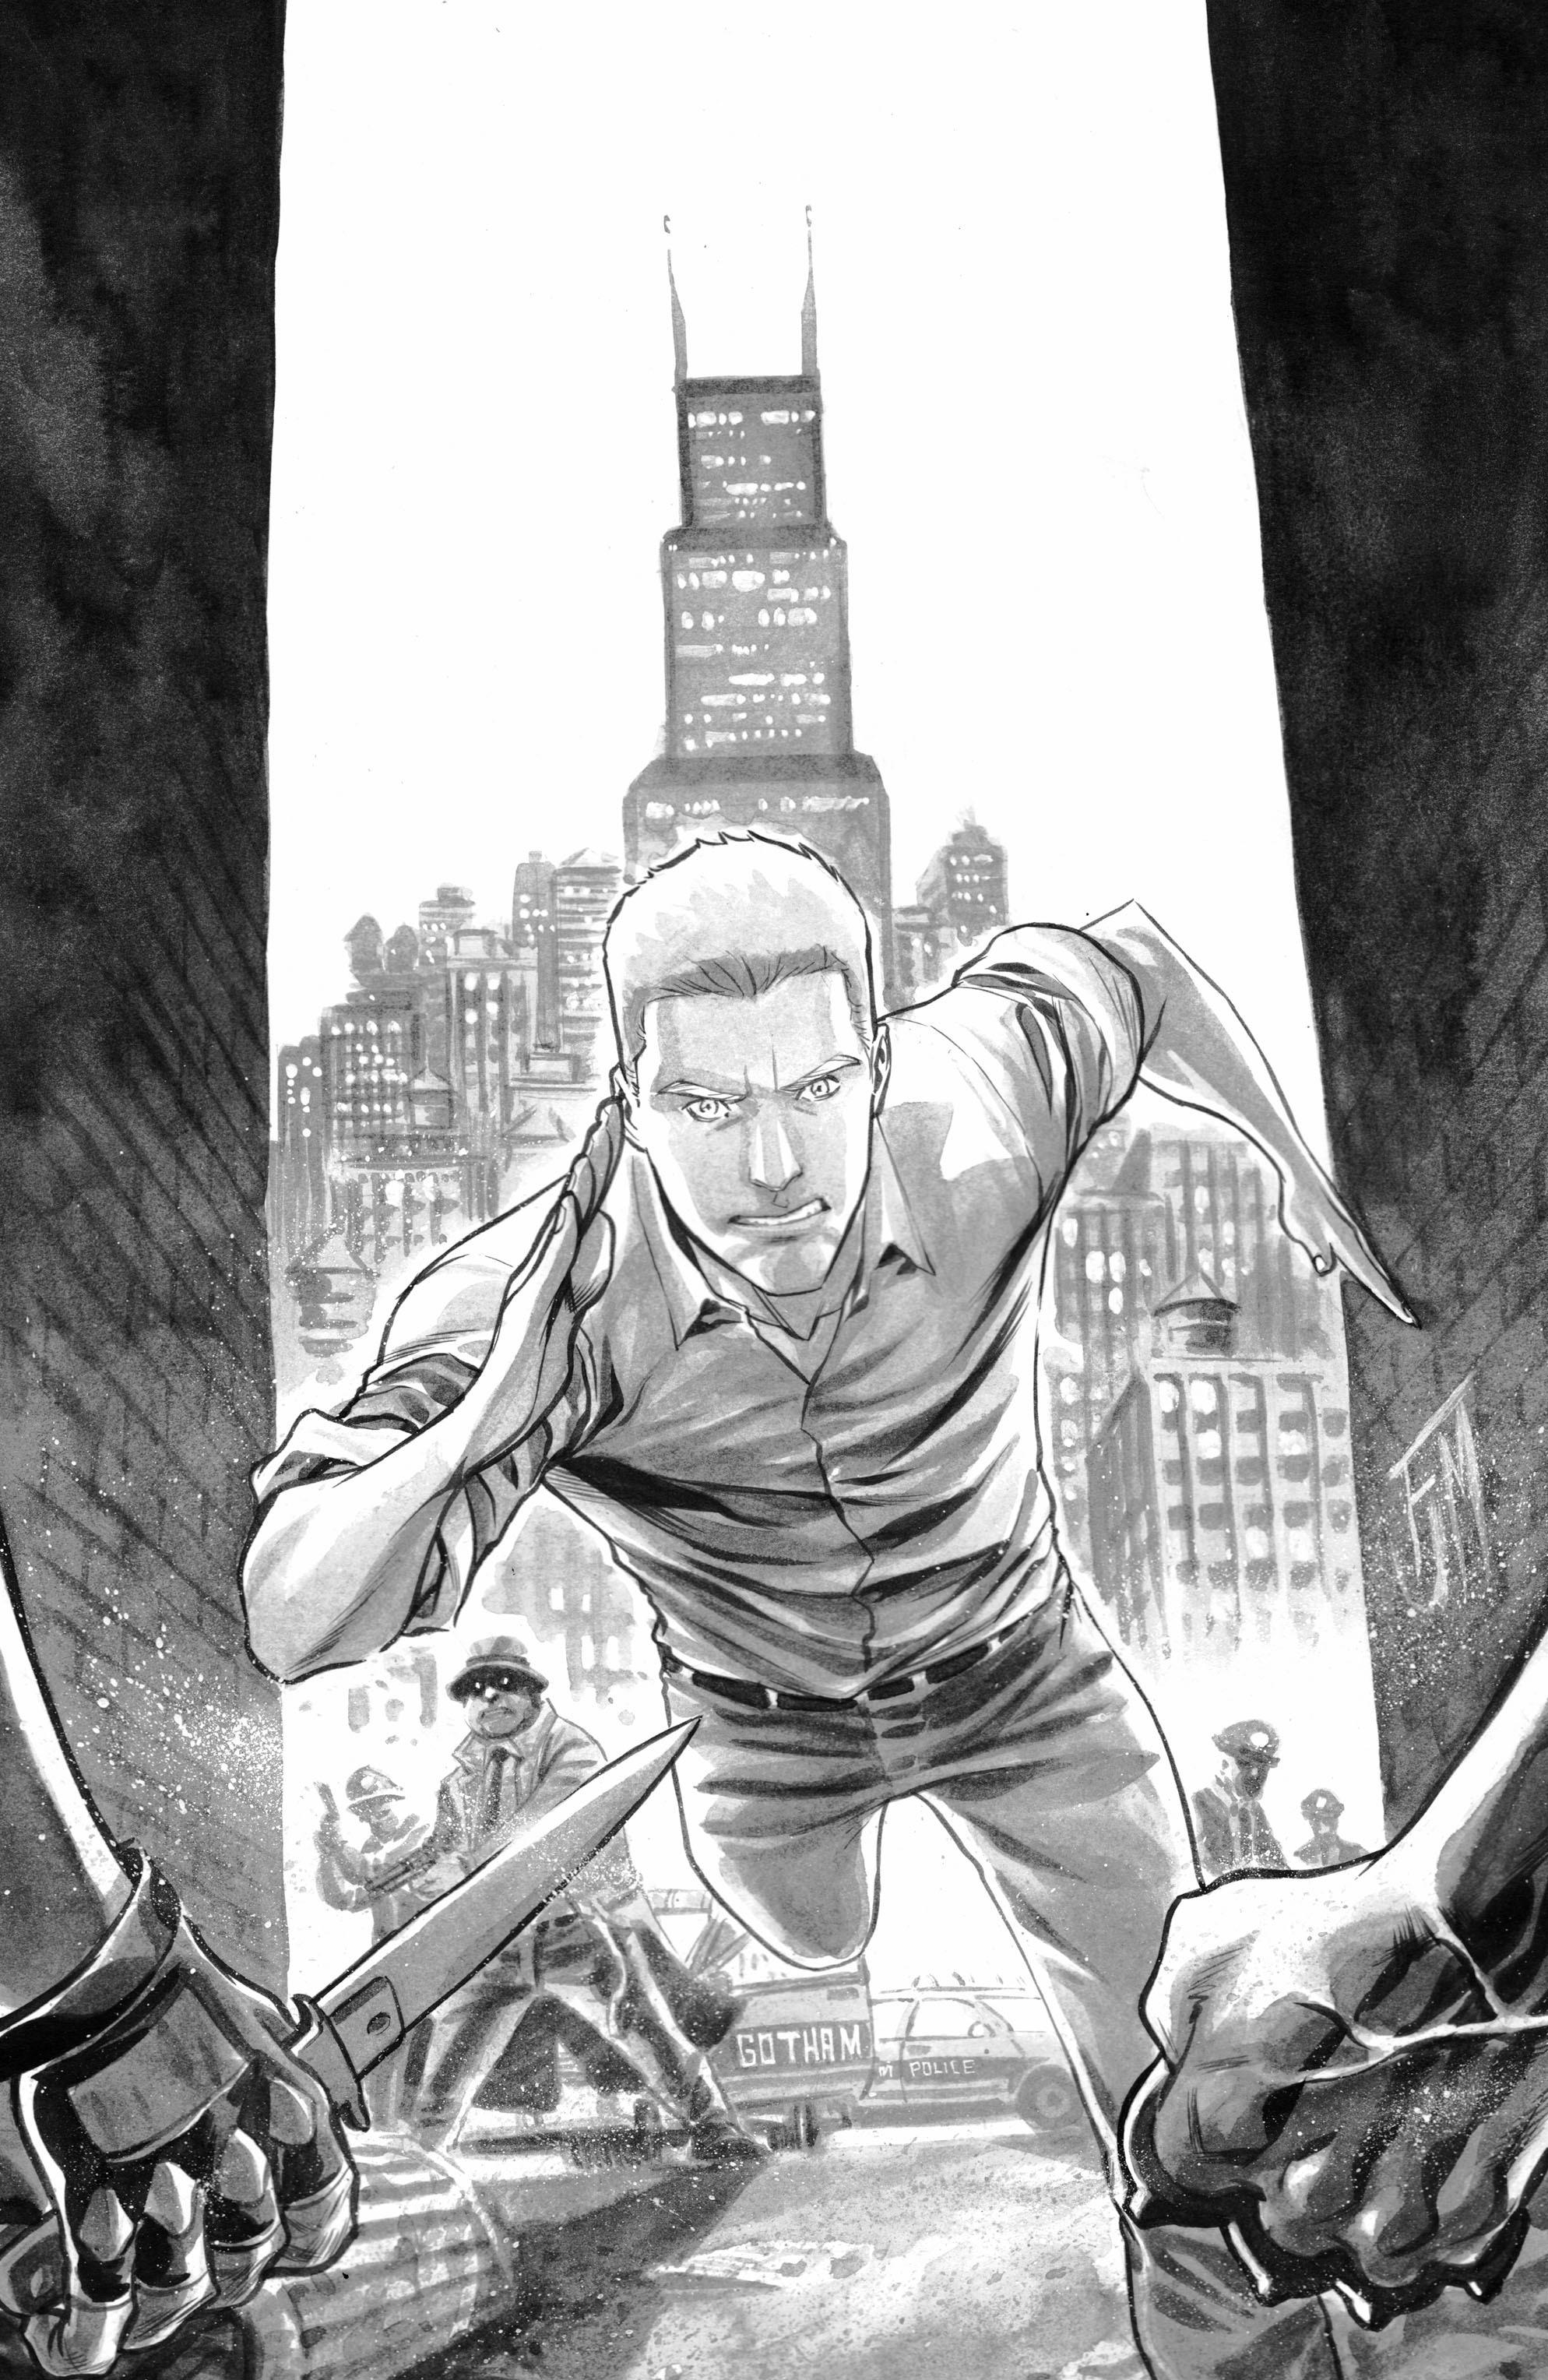 DC Comics: Zero Year chap tpb pic 256